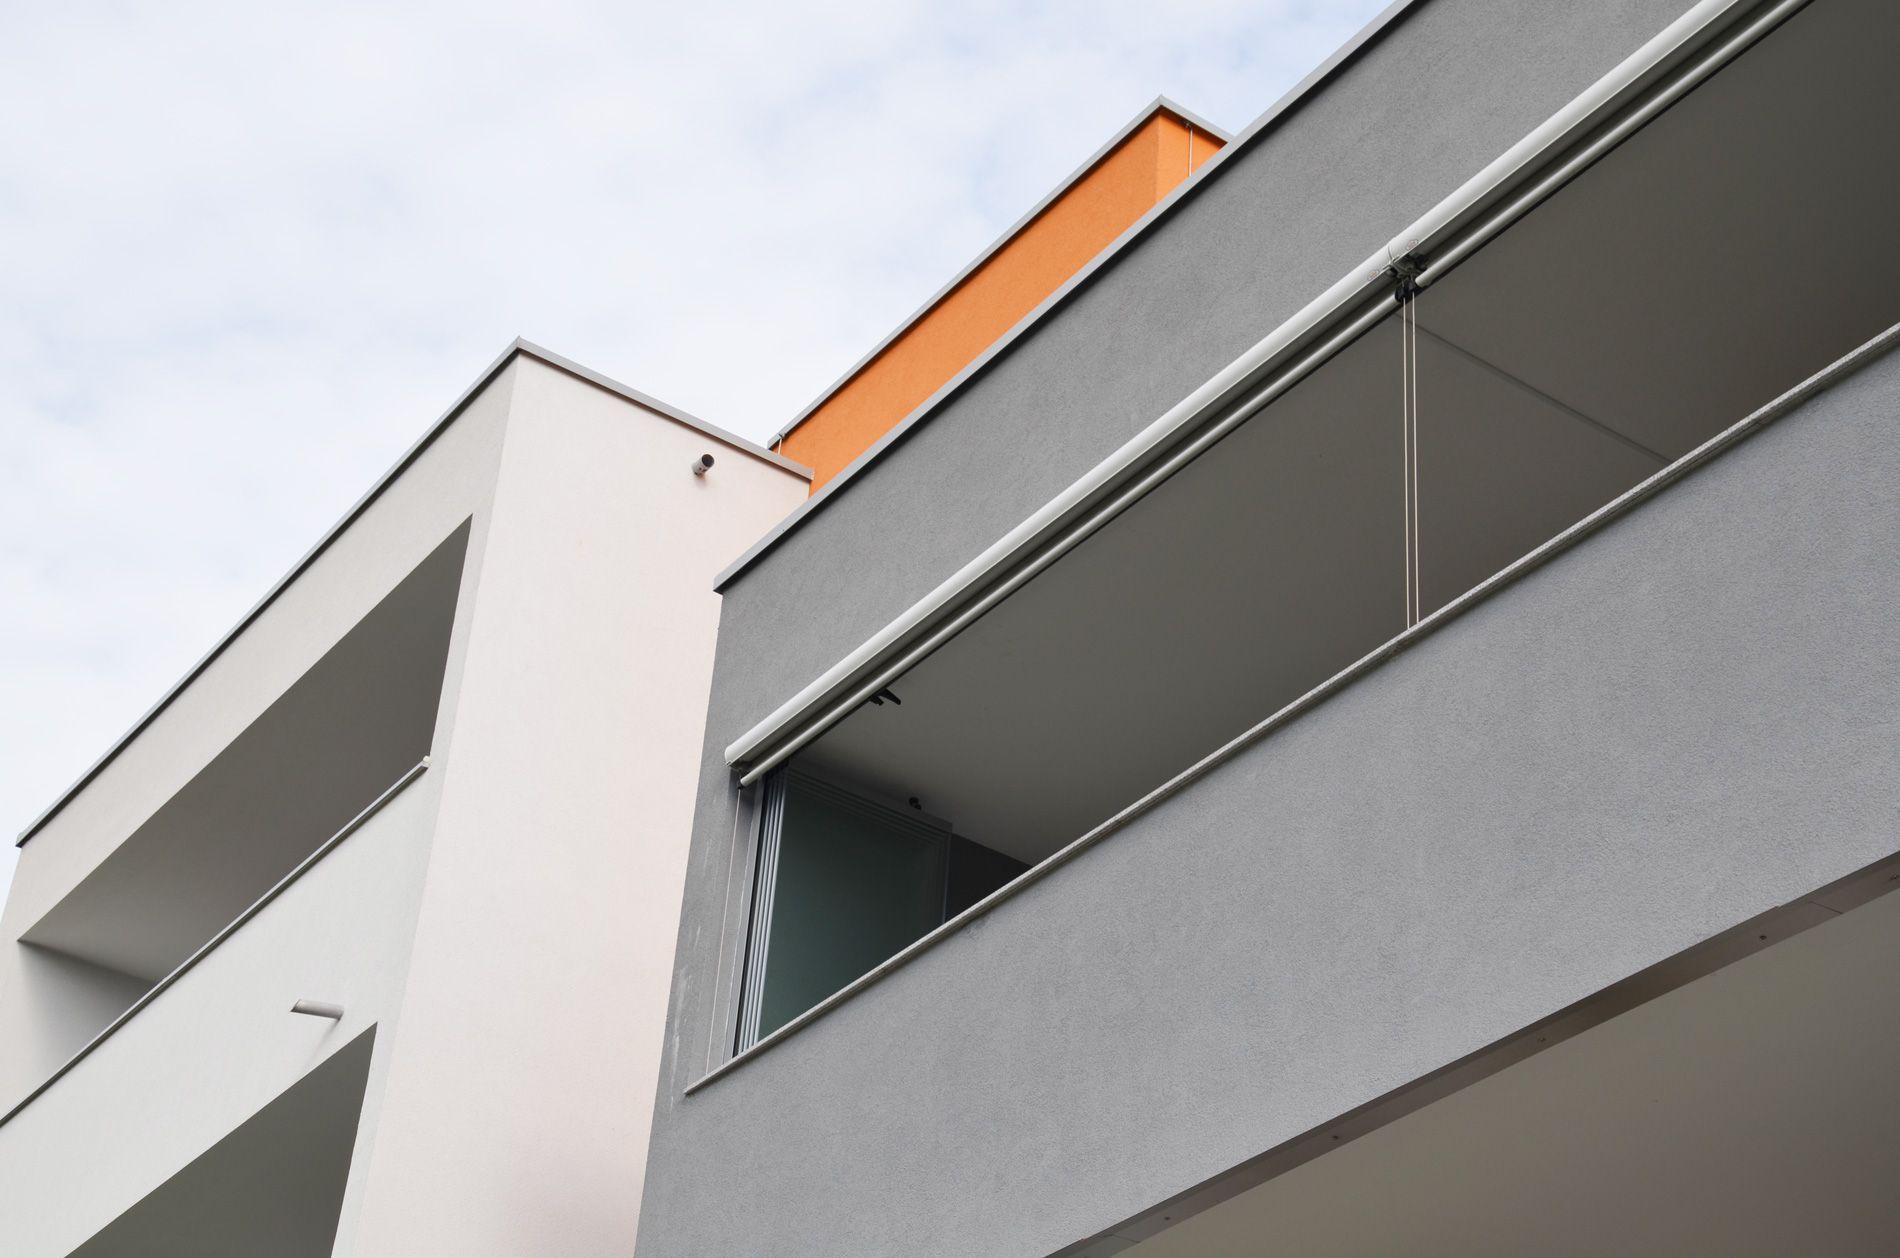 Glas Faltfenster geöffnet   Beispiele für die Handhabung von Faltfenster